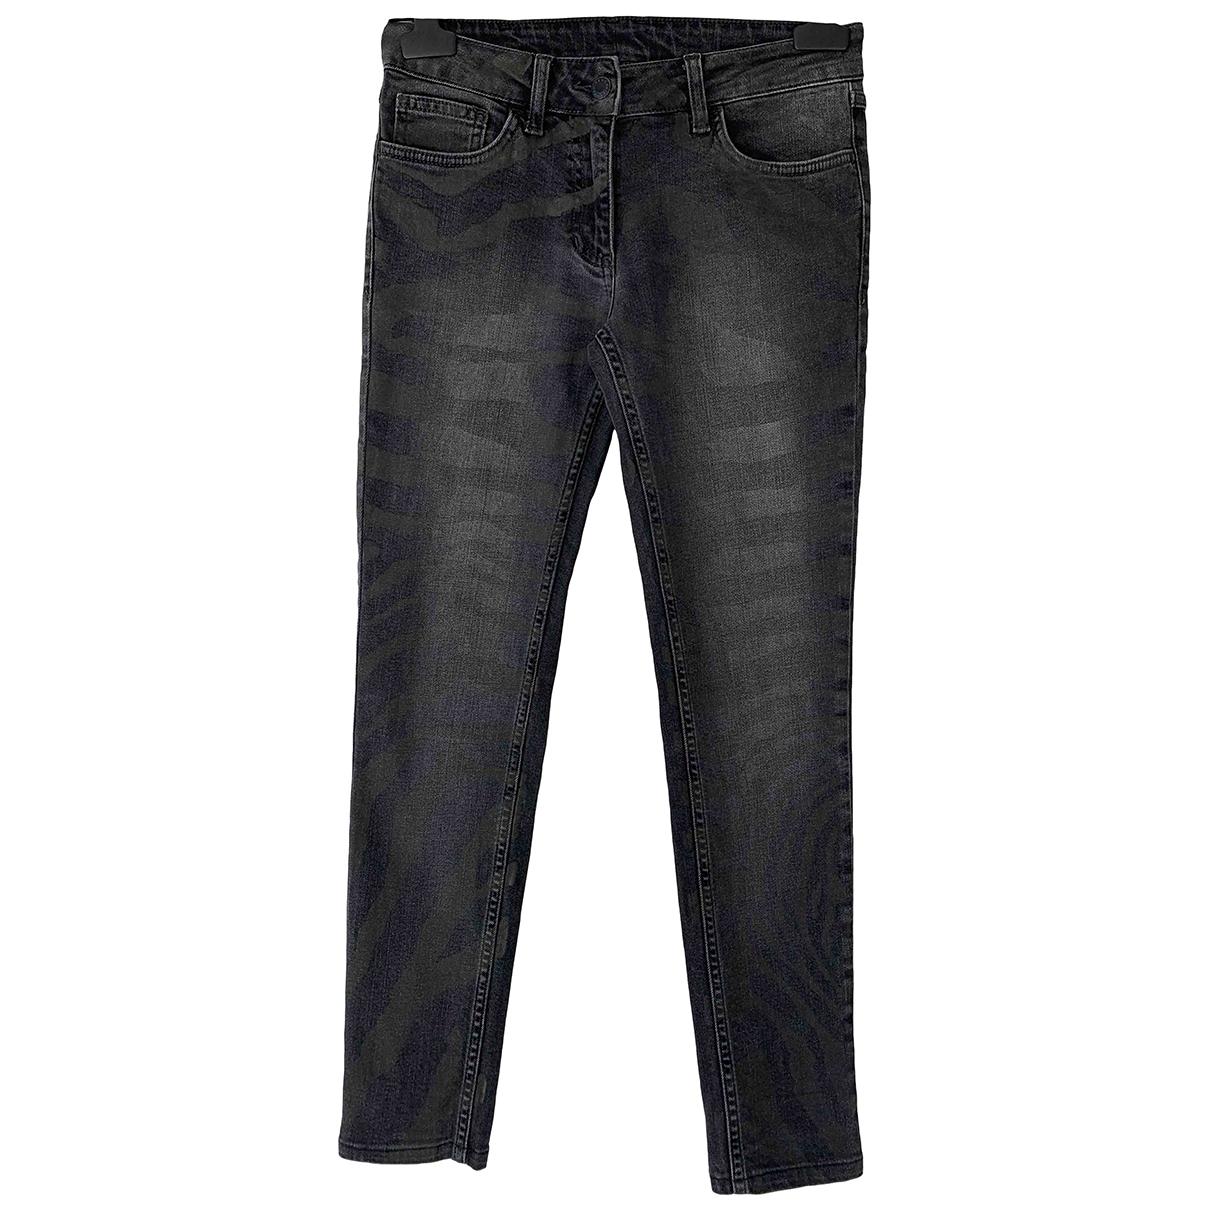 Sandro \N Black Cotton - elasthane Jeans for Women 36 FR